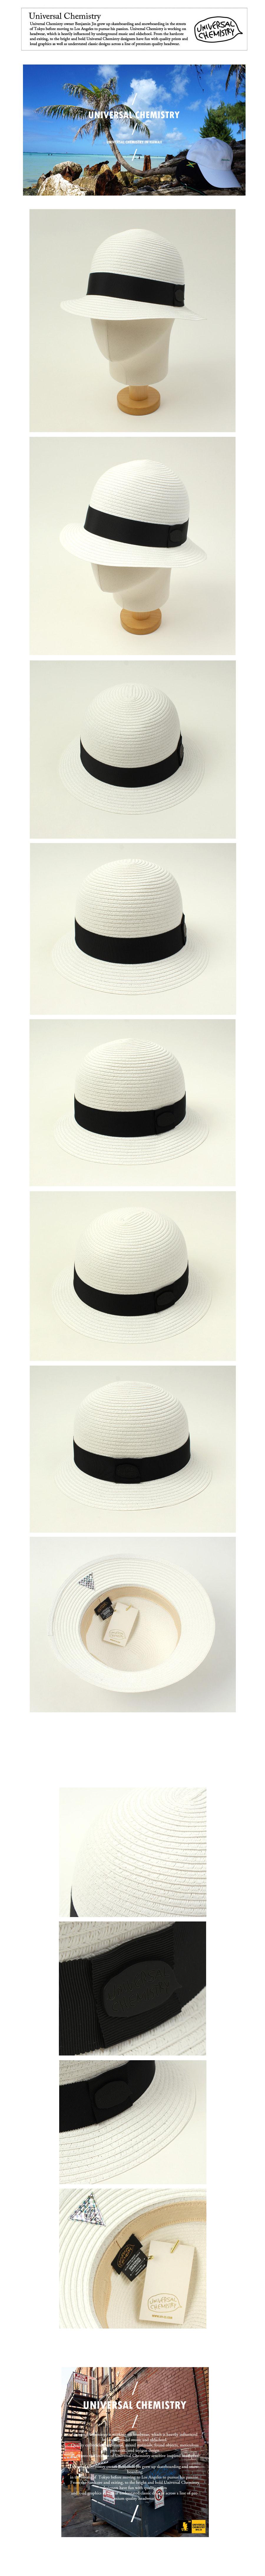 BKMT Summer White Cloche Hat 여름페도라